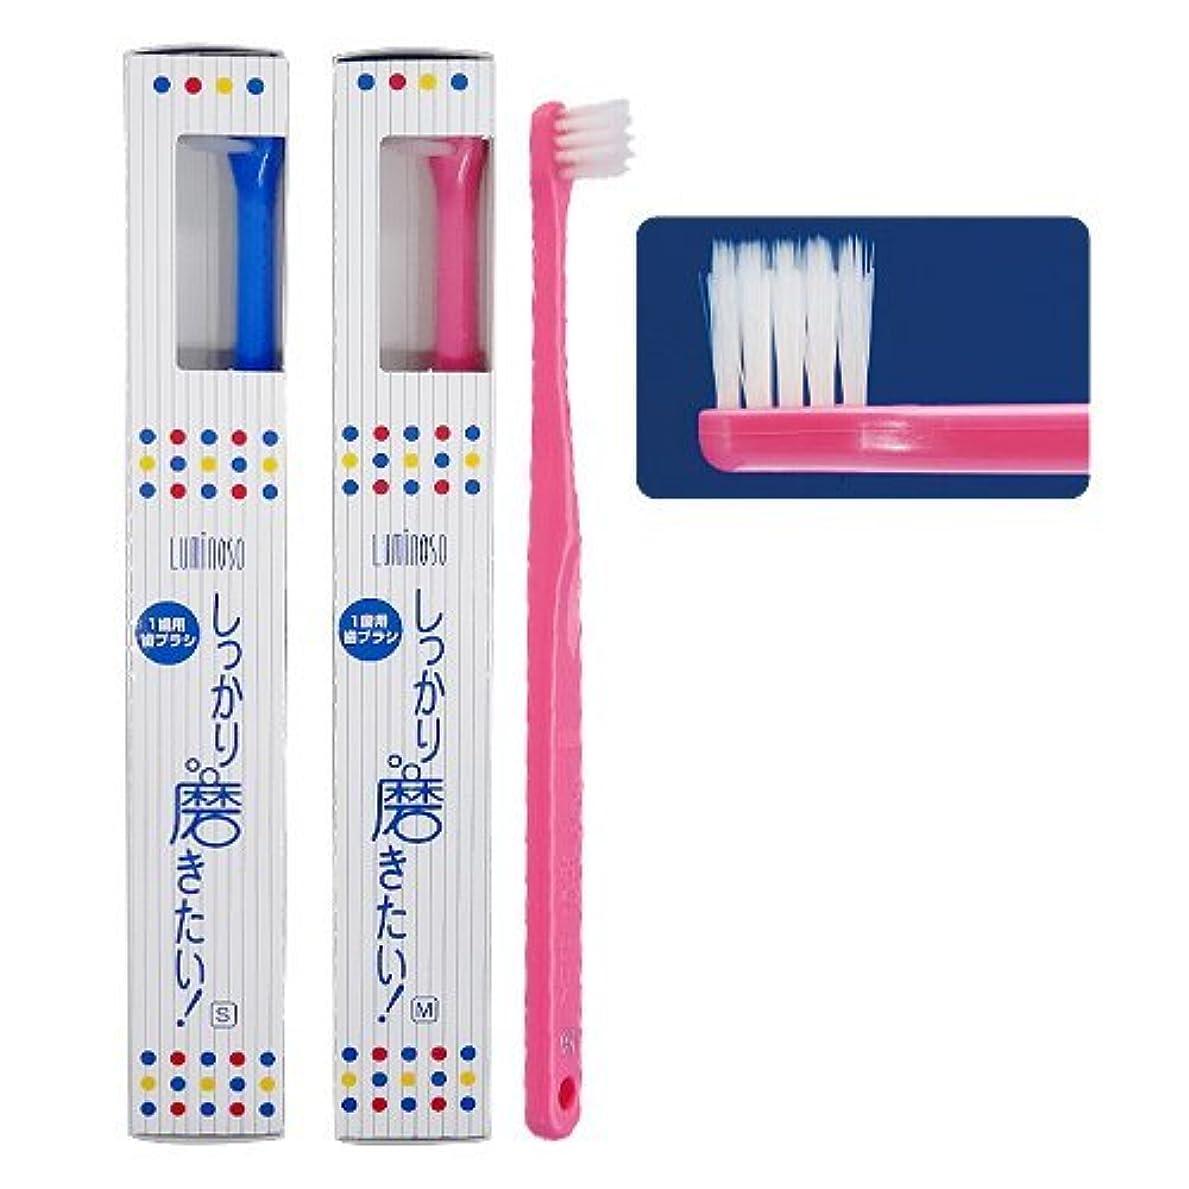 自分の力ですべてをする醜い熱ルミノソ 1歯用歯ブラシ「しっかり磨きたい!」スタンダード ソフト (カラー指定不可) 5本